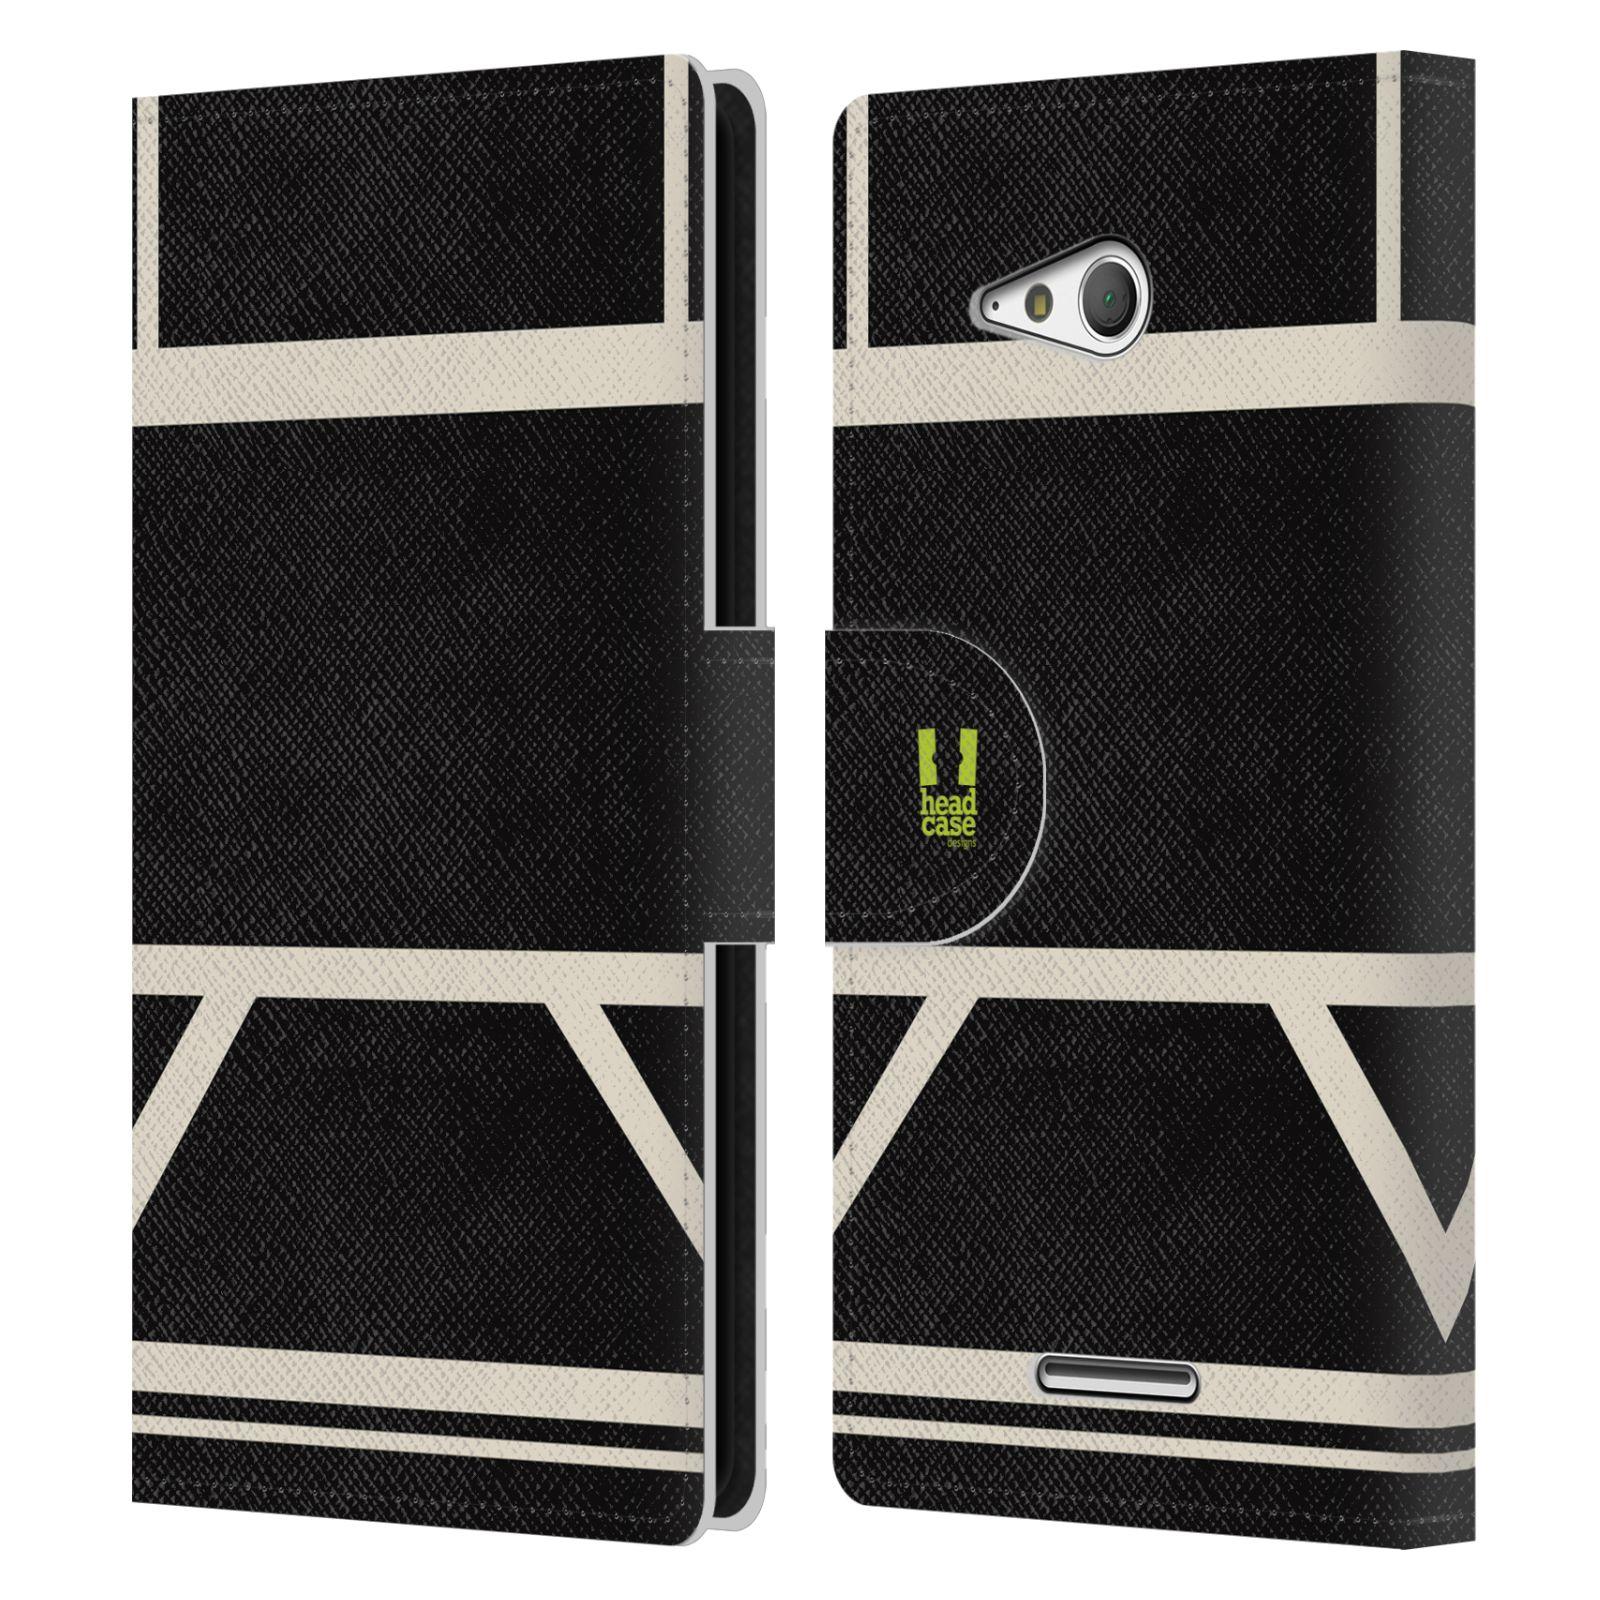 HEAD CASE Flipové pouzdro pro mobil SONY Xperia E4g barevné tvary černá a bílá proužek